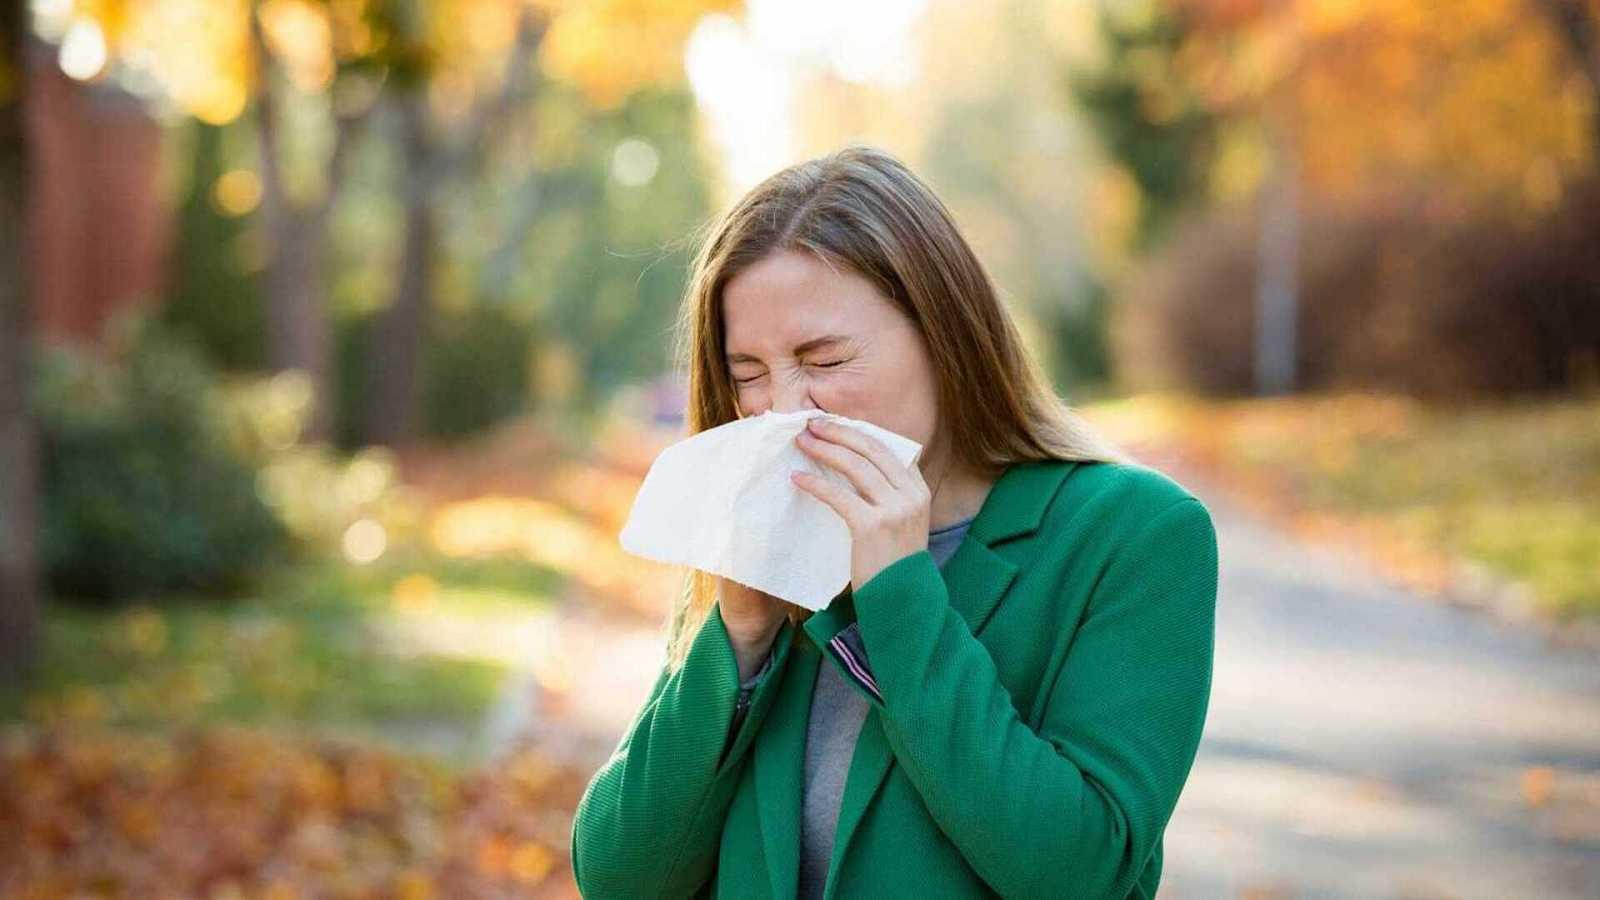 Tarde lo que tarde - ¿Cómo diferenciamos la alergia del COVID-19? - 12/04/21 - escuchar ahora